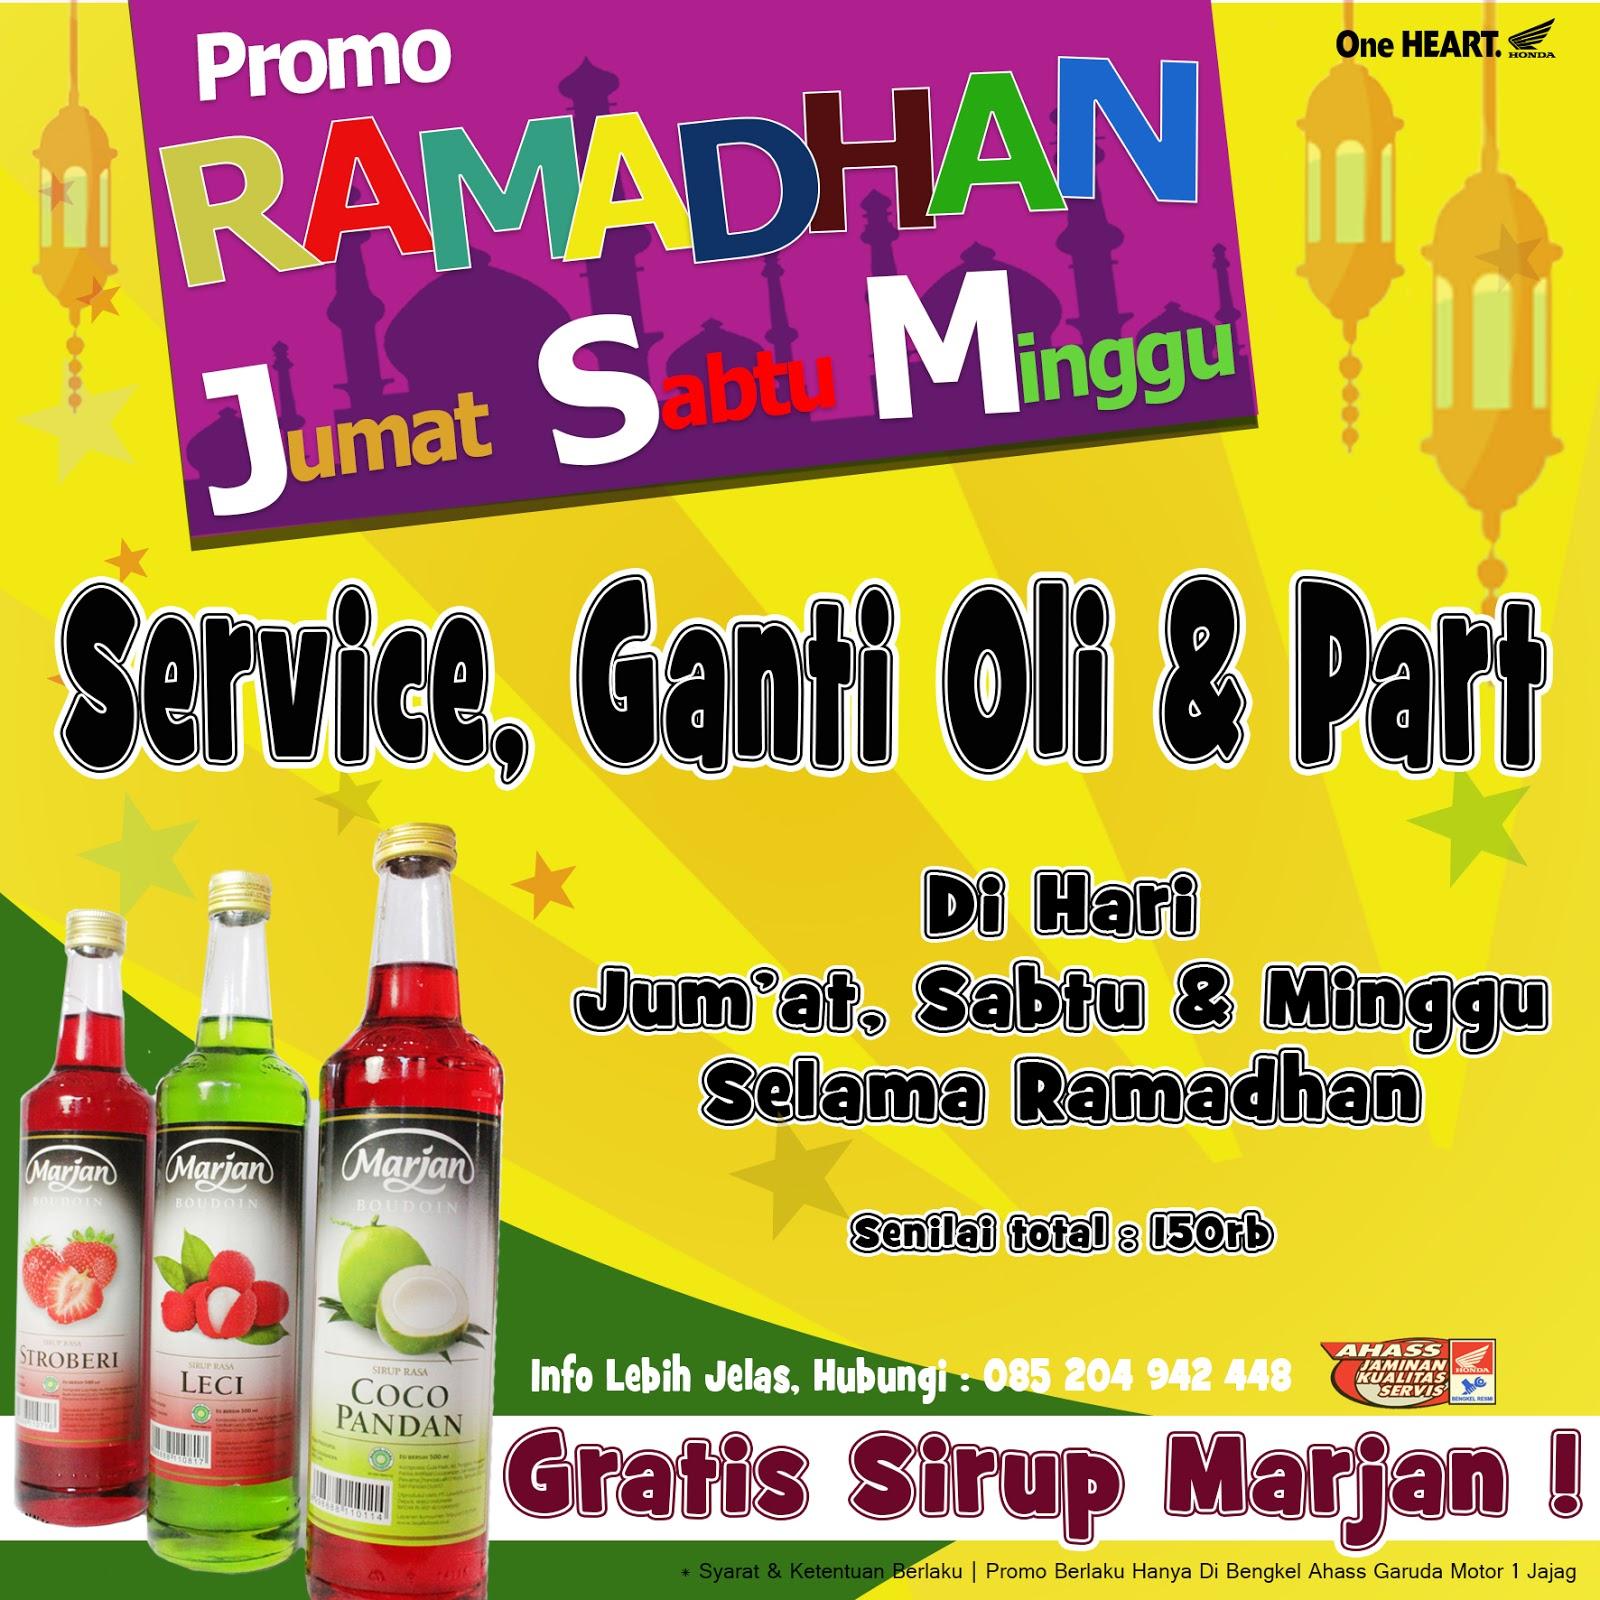 Ramadhan Service Gratis Sirup Marjan